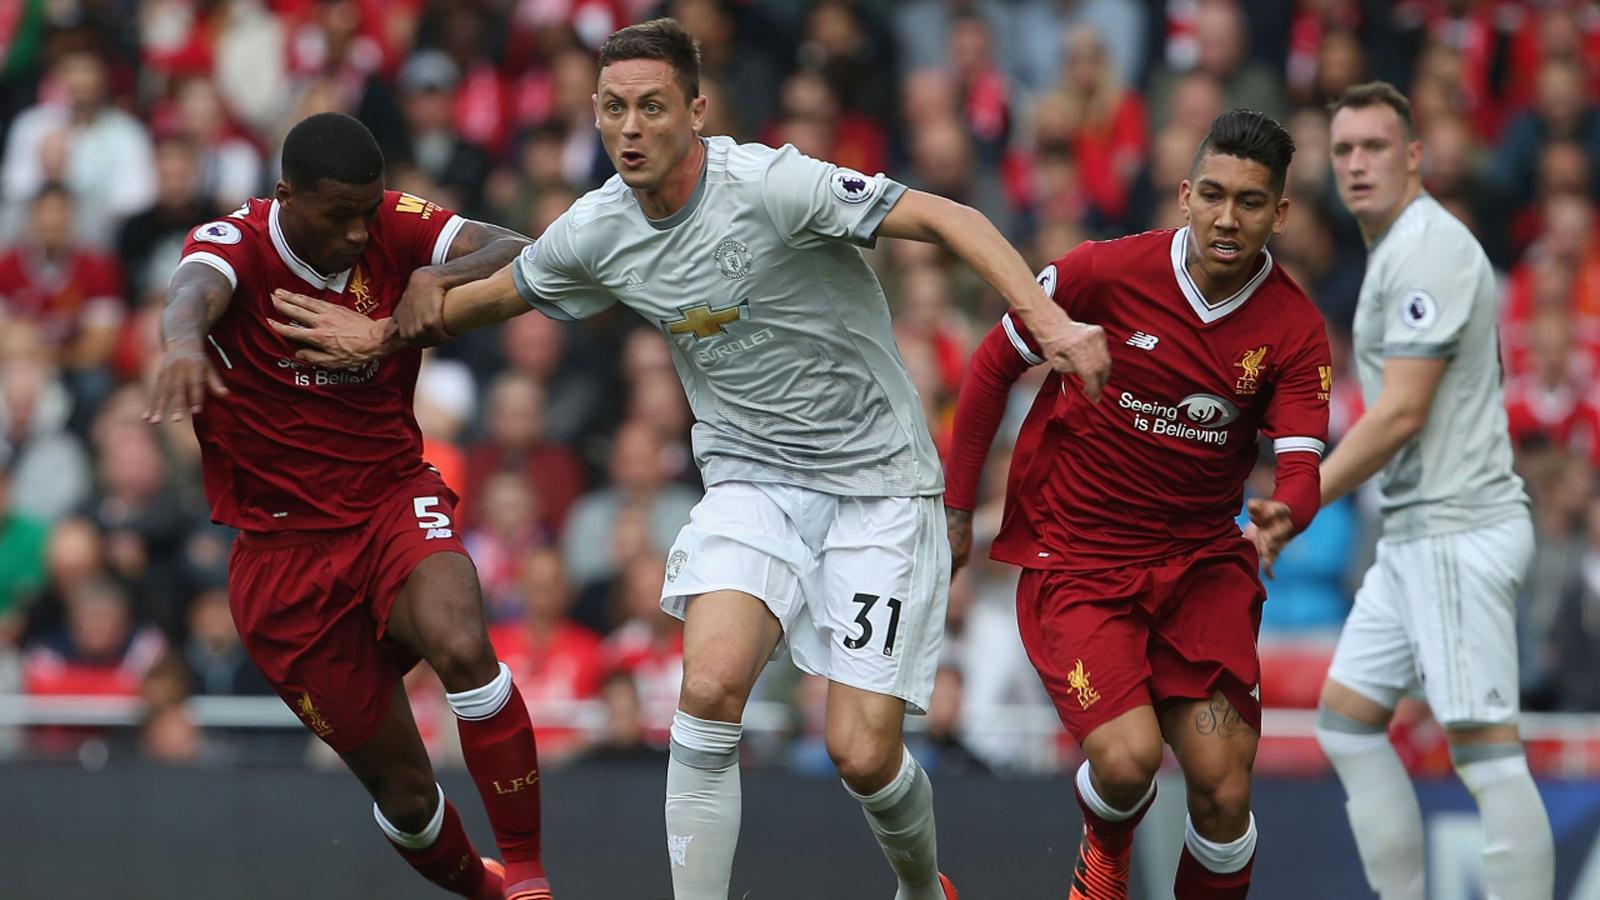 Đỉnh cao Ngoại Hạng Anh: MU - Liverpool đua vô địch, đội nào thắng thế? - 19